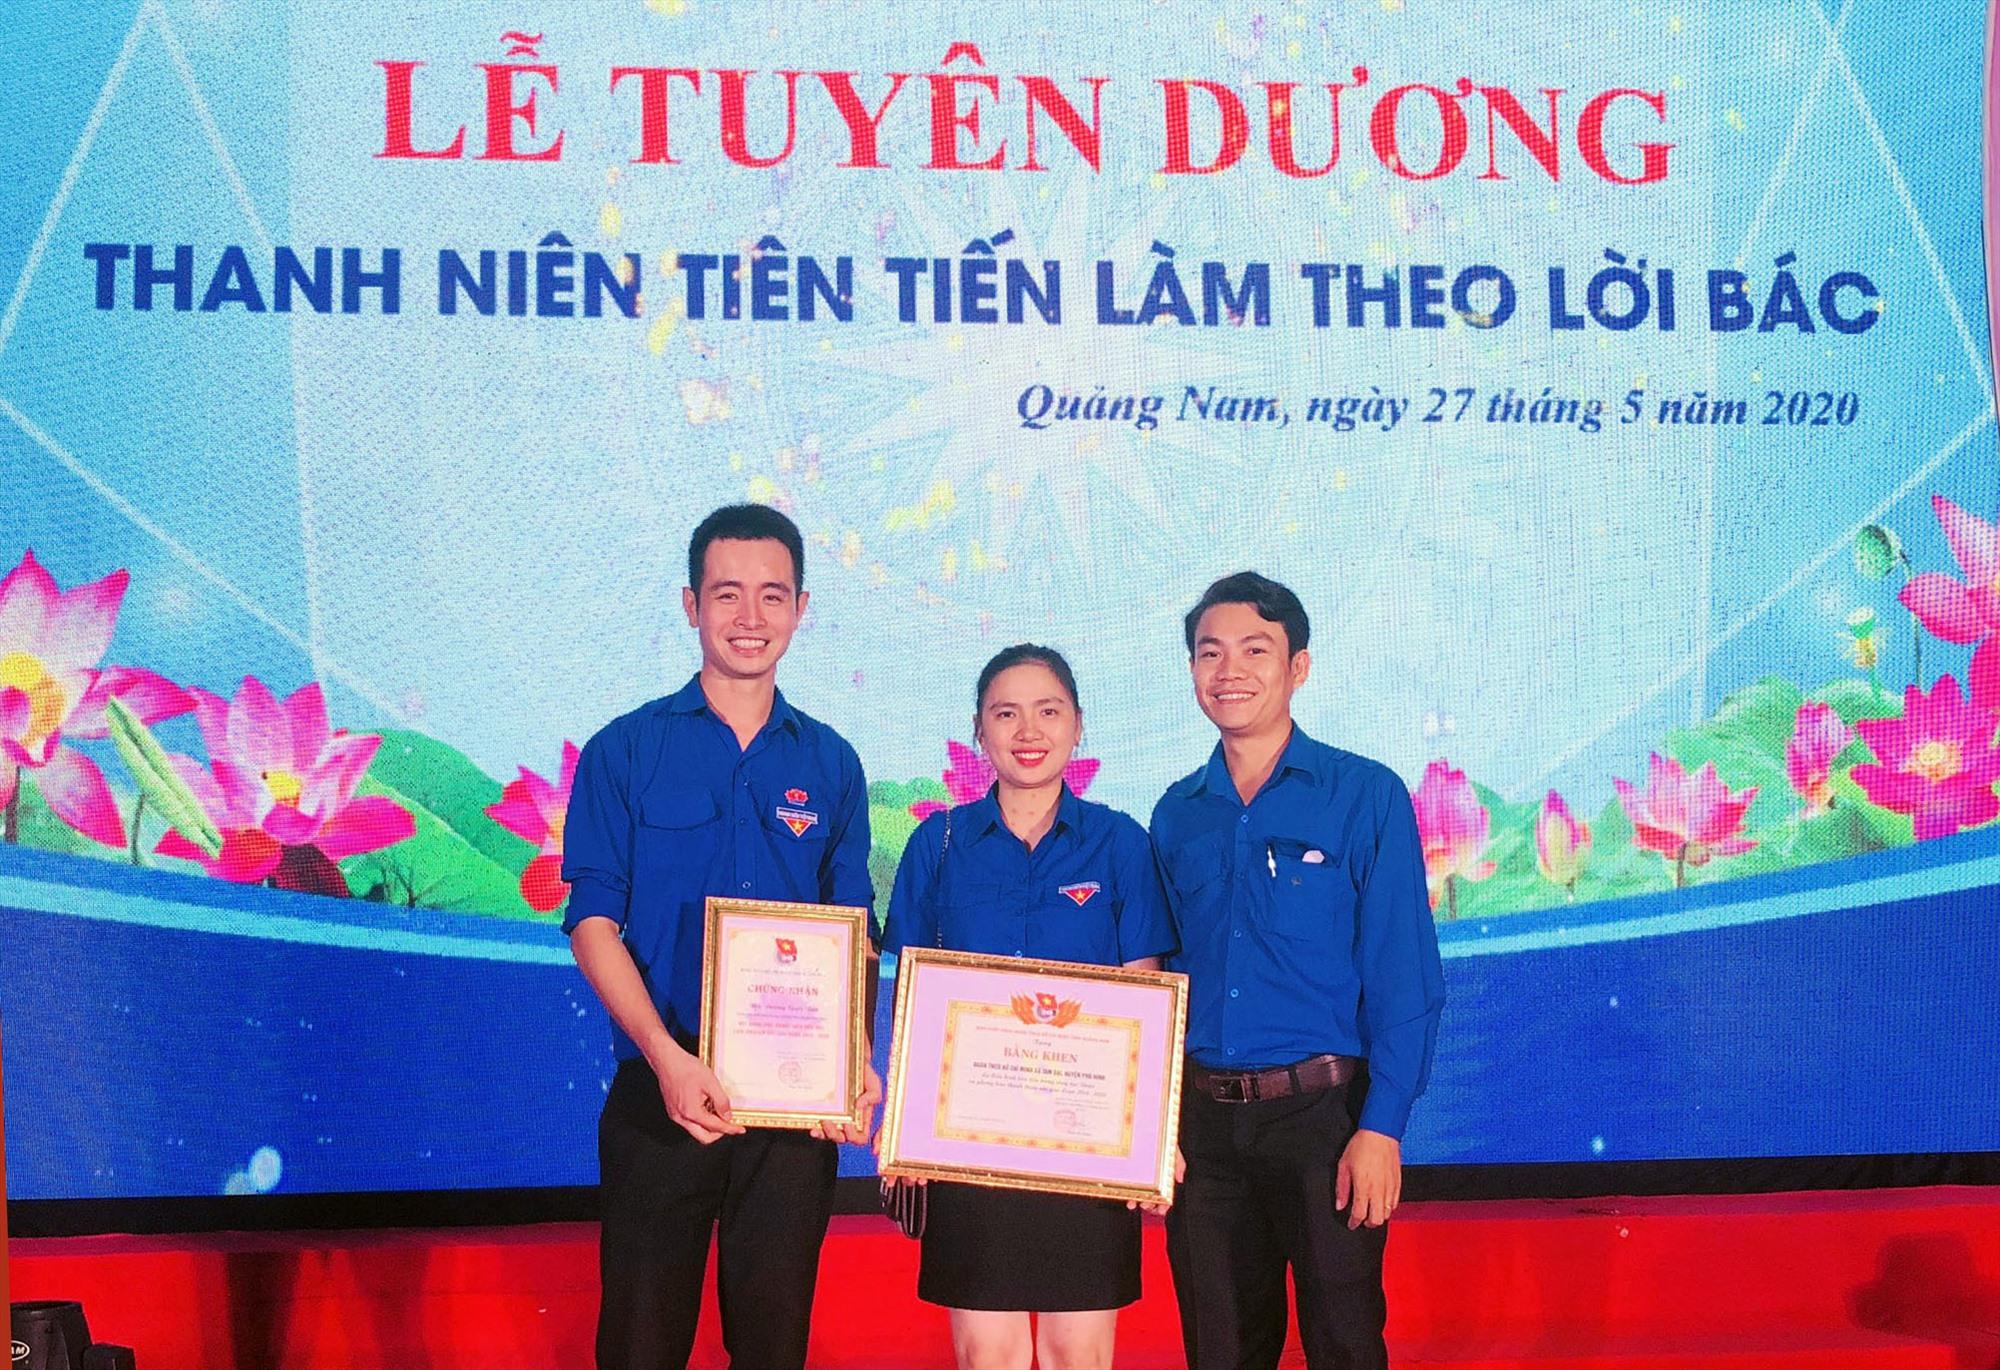 Anh Dương Quốc Bảo (bên trái) nhận bằng khen của tỉnh Đoàn Quảng Nam. Ảnh: QUỐC BẢO